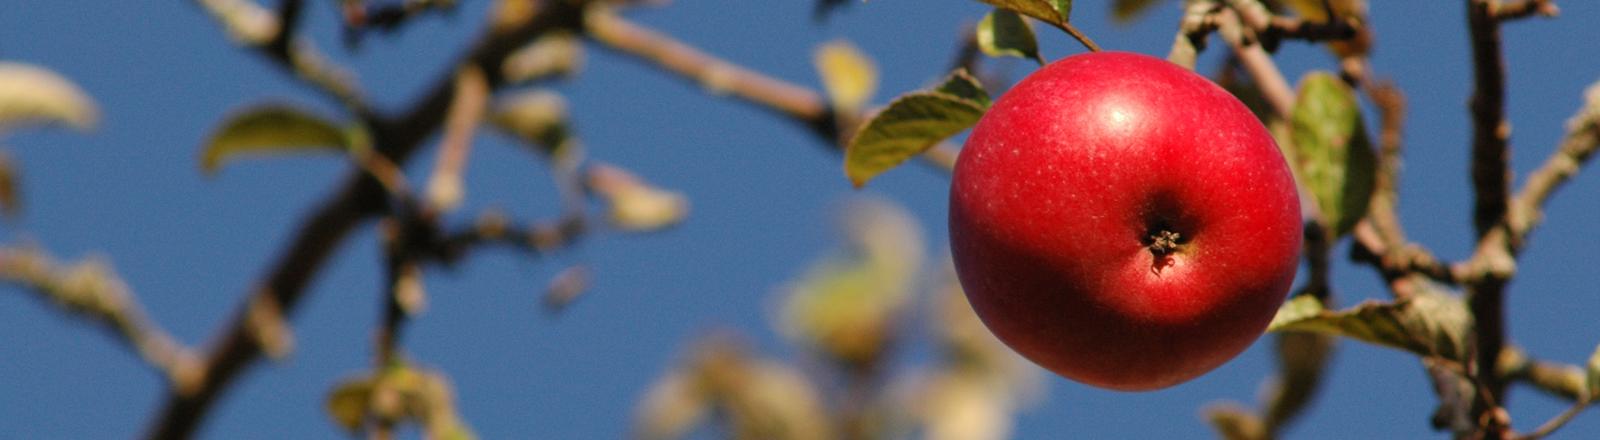 Ein lecker aussehender Apfel hängt an einem Baum.